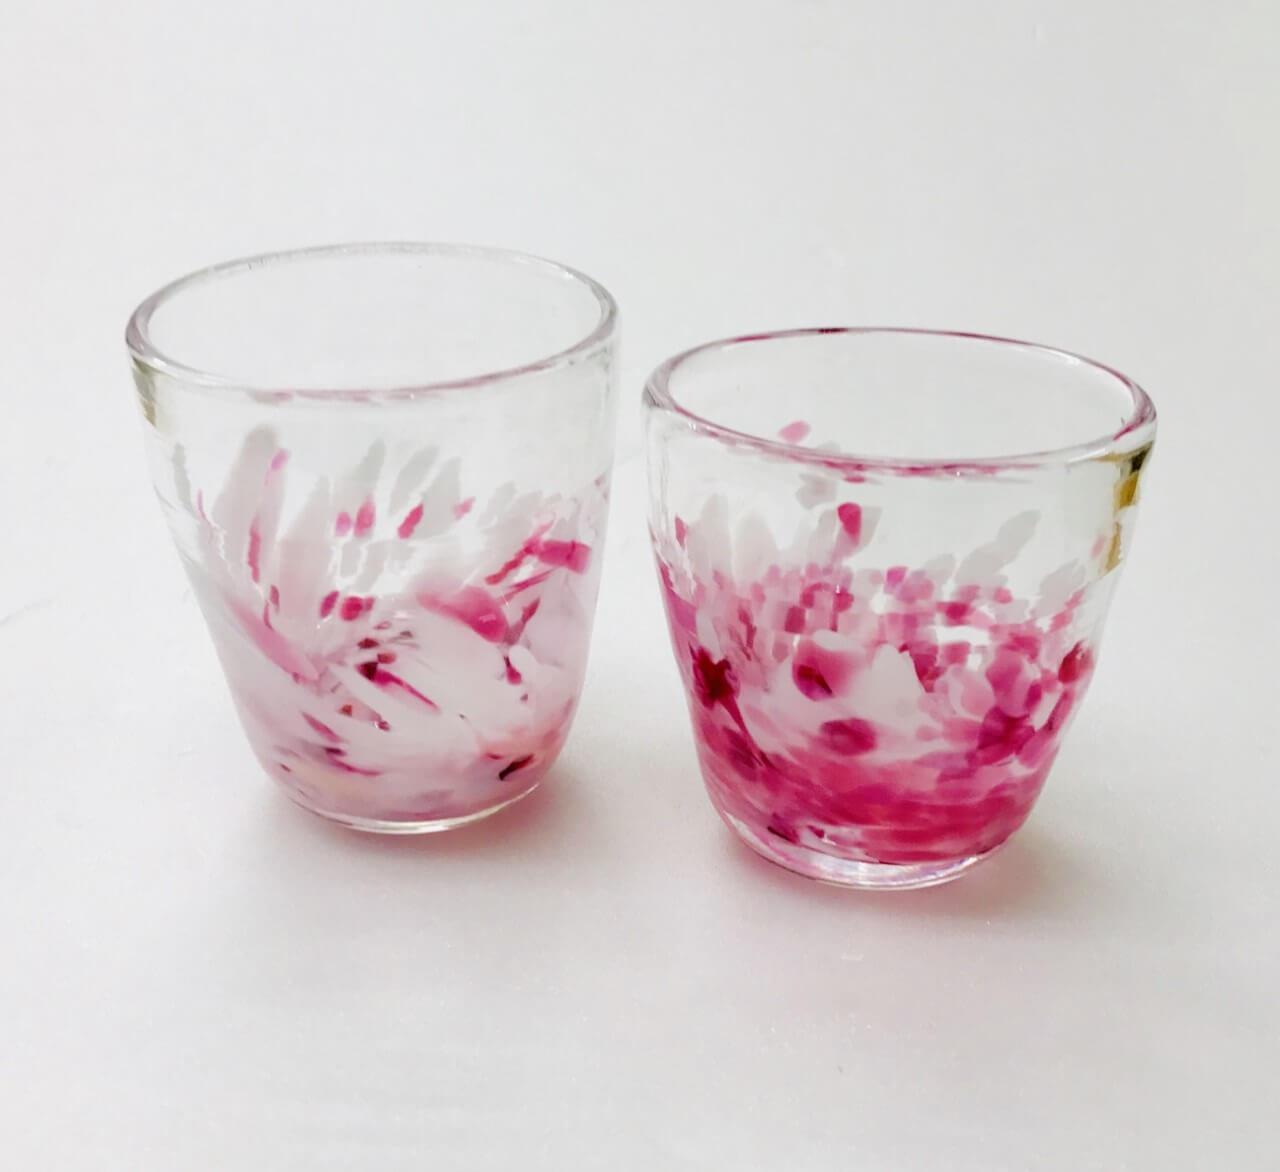 親子で吹きガラス体験 桜色華やぎグラスを作ろう♪